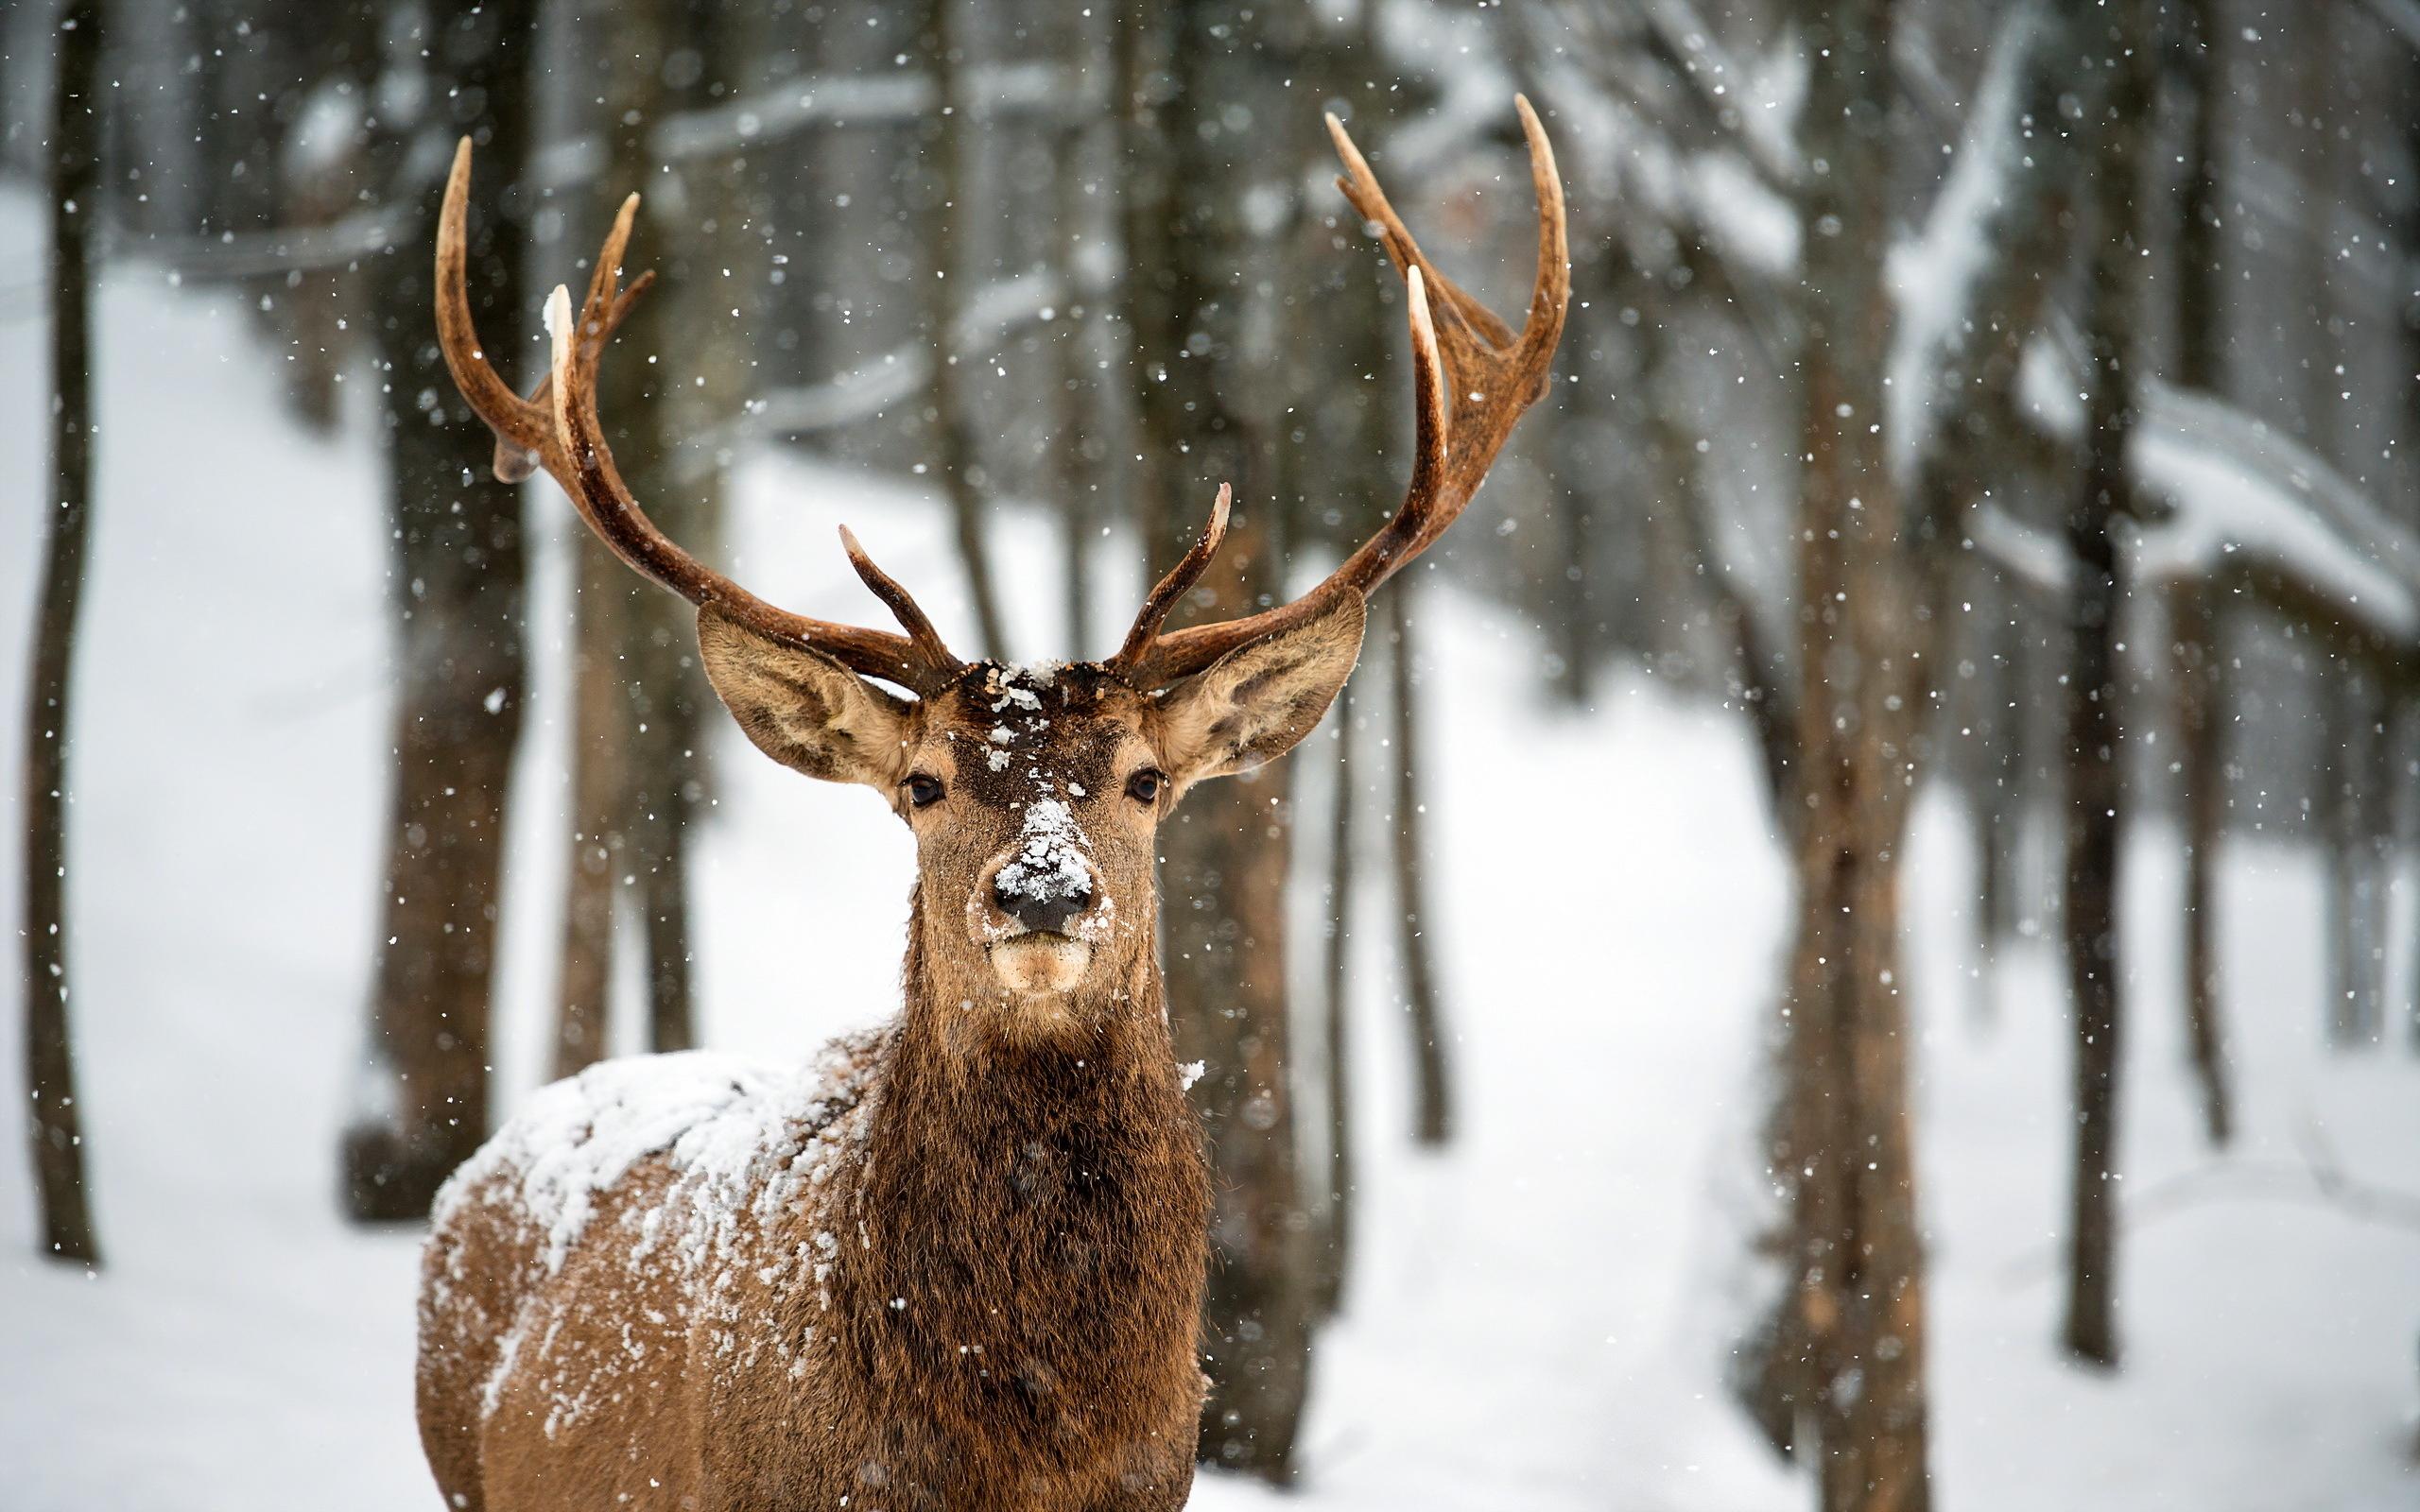 Deer Computer Wallpapers Desktop Backgrounds 2560x1600 ID349790 2560x1600